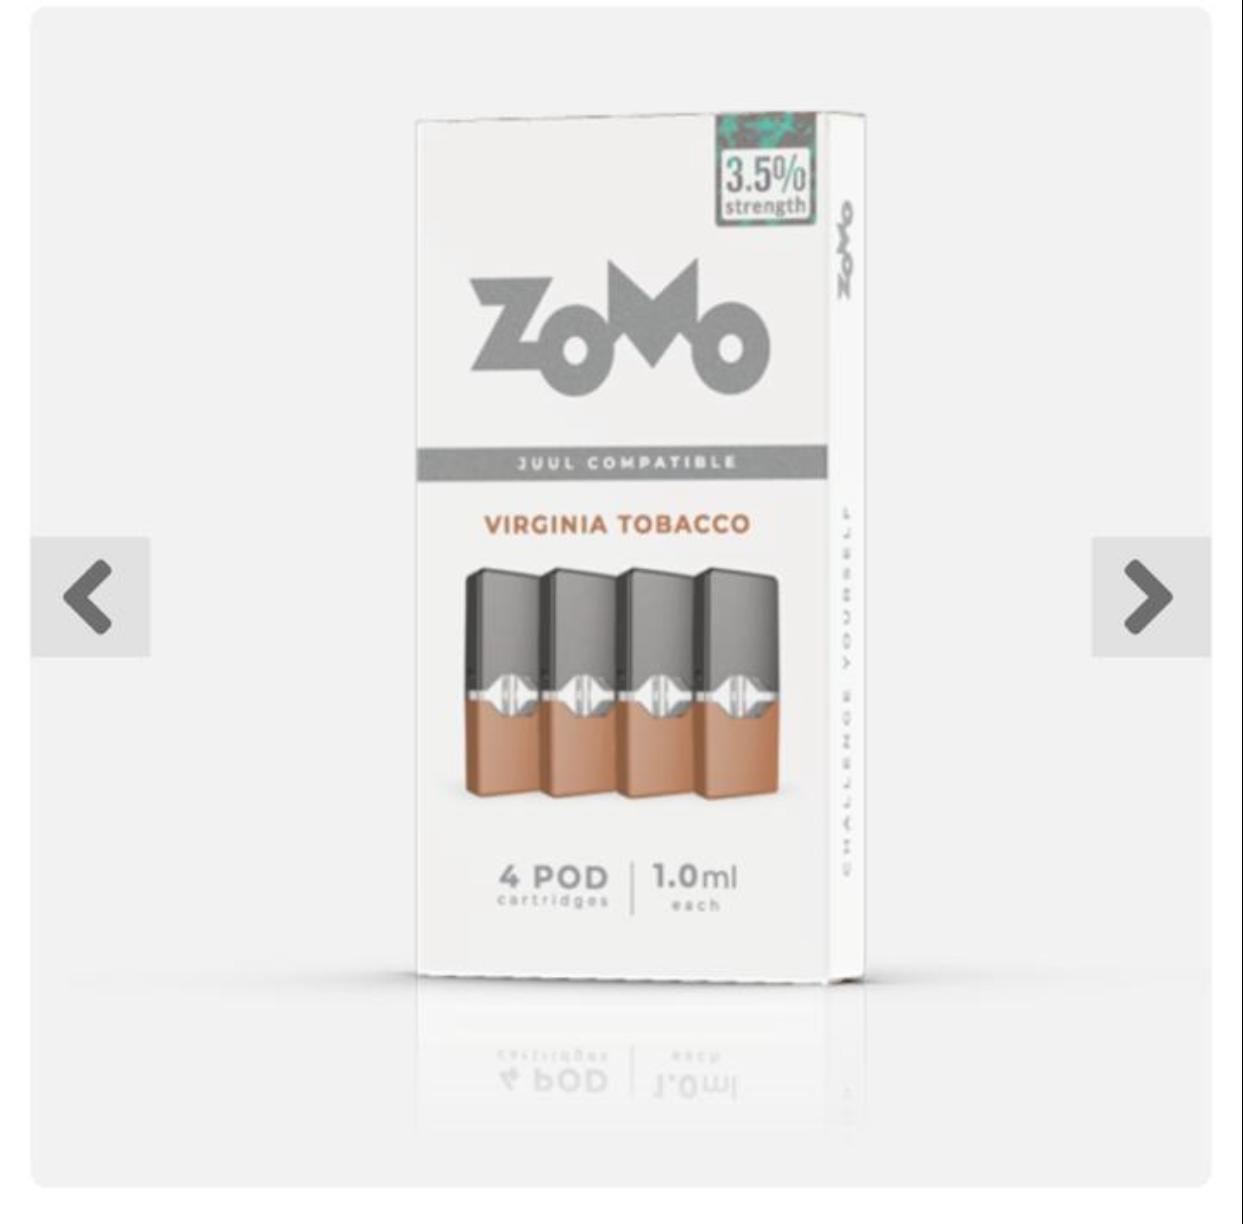 ZOMO - Zpod Virginia Tobacco